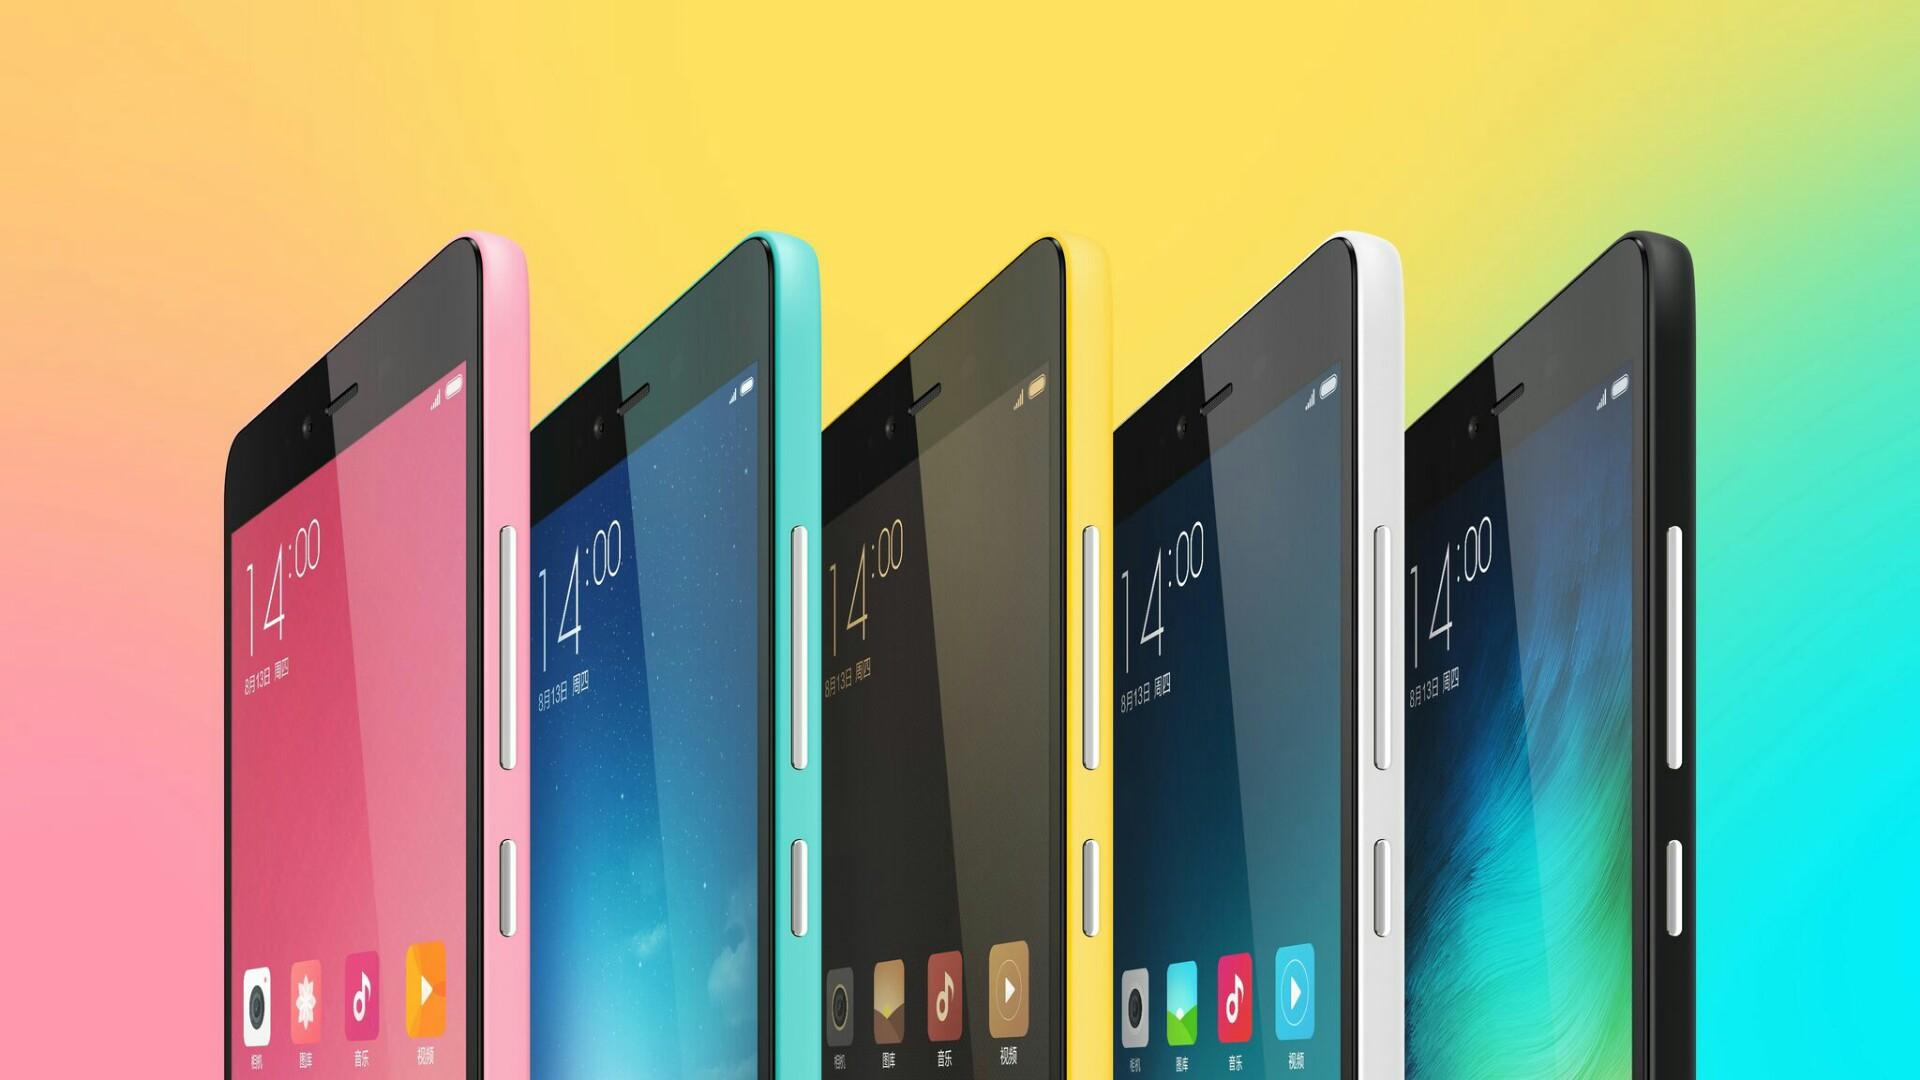 xiaomi redmi note 2 prime mobile price in bangladesh